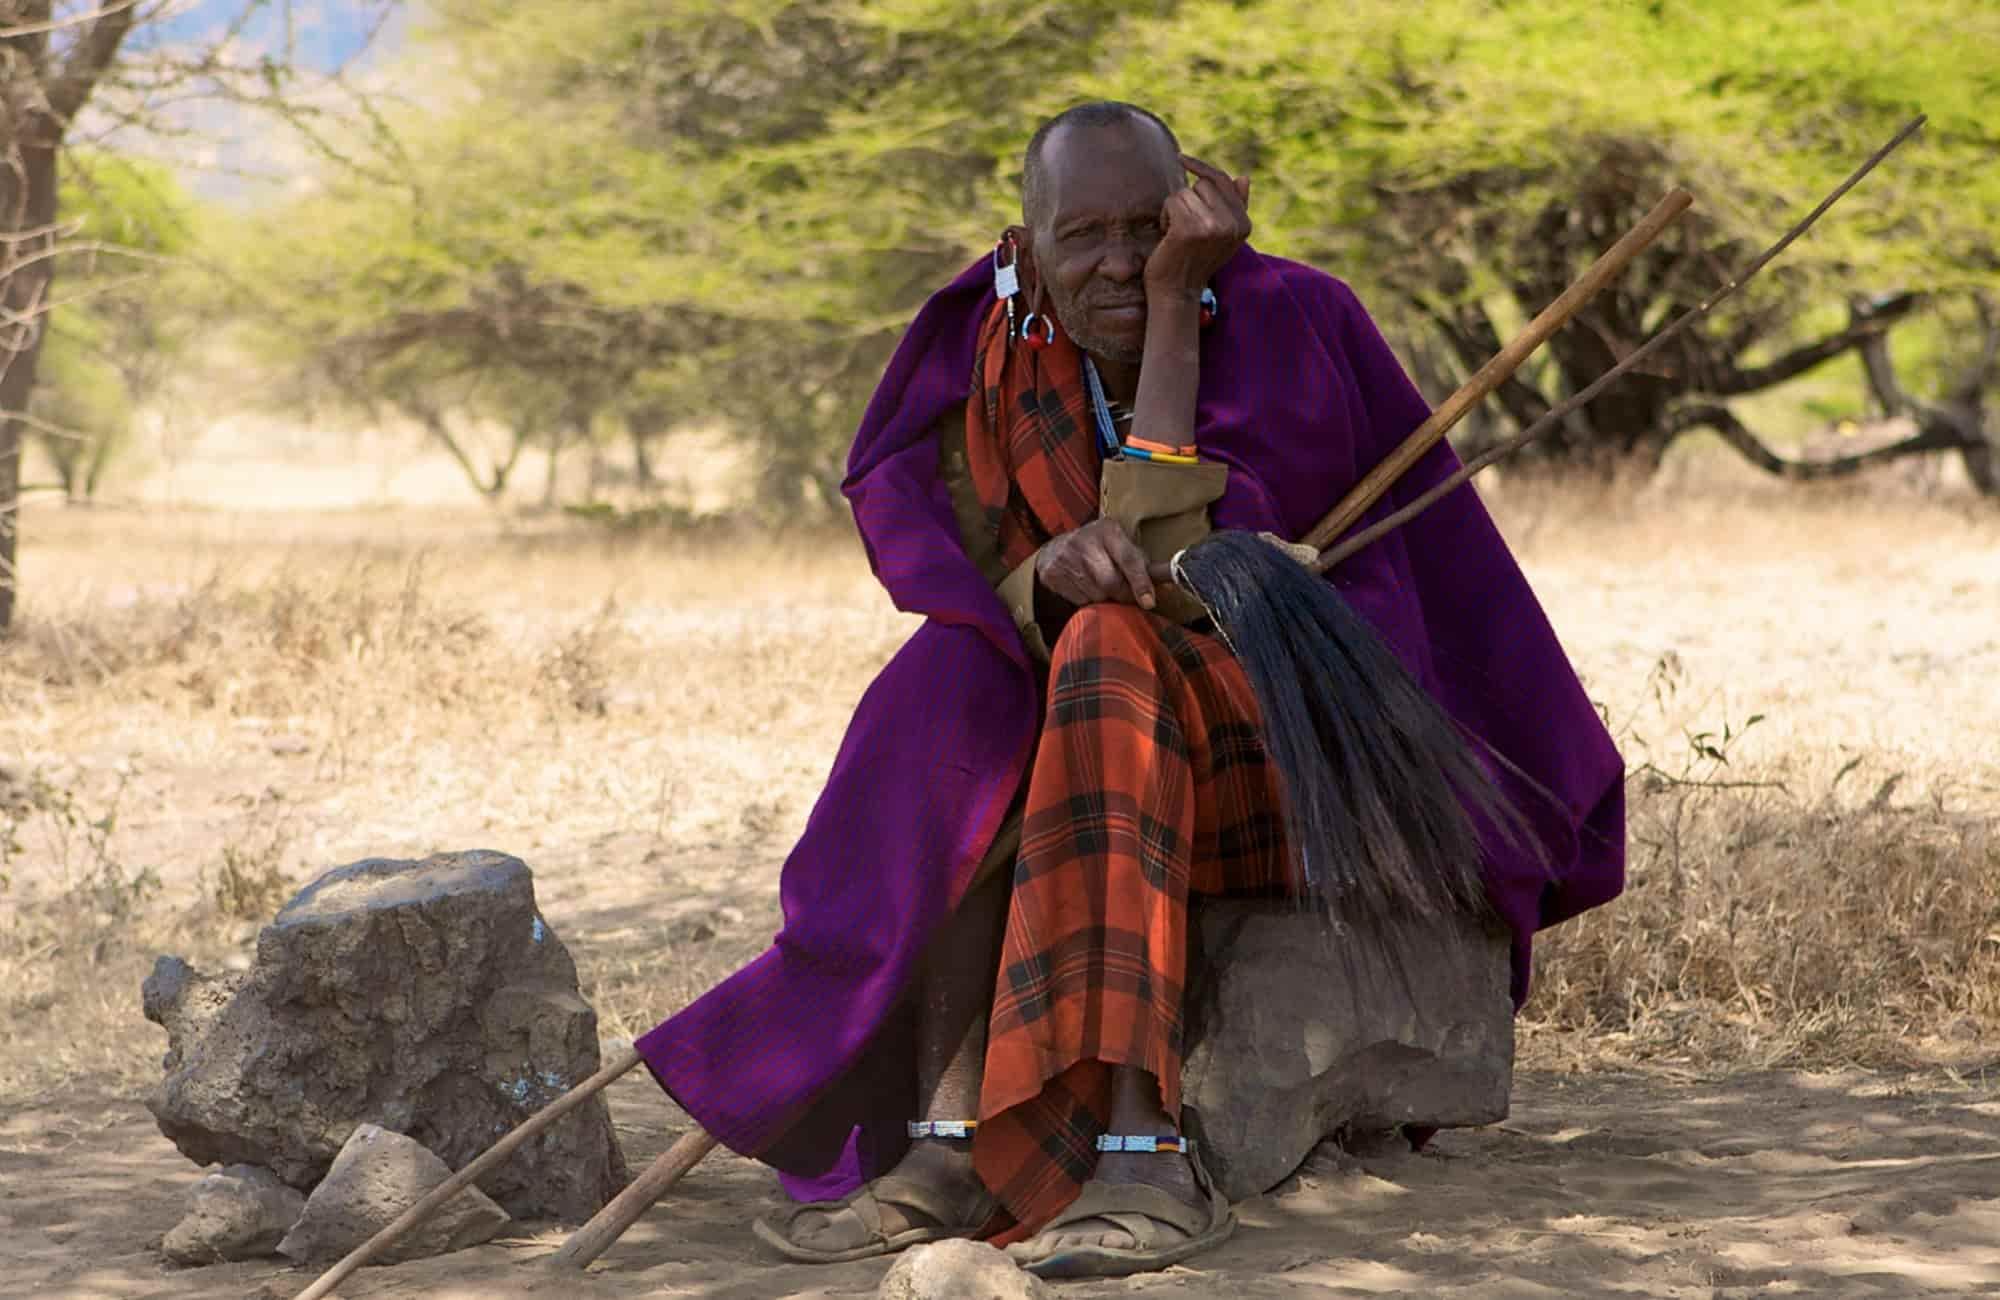 Voyage en Tanzanie - Ngorongoro - Amplitudes